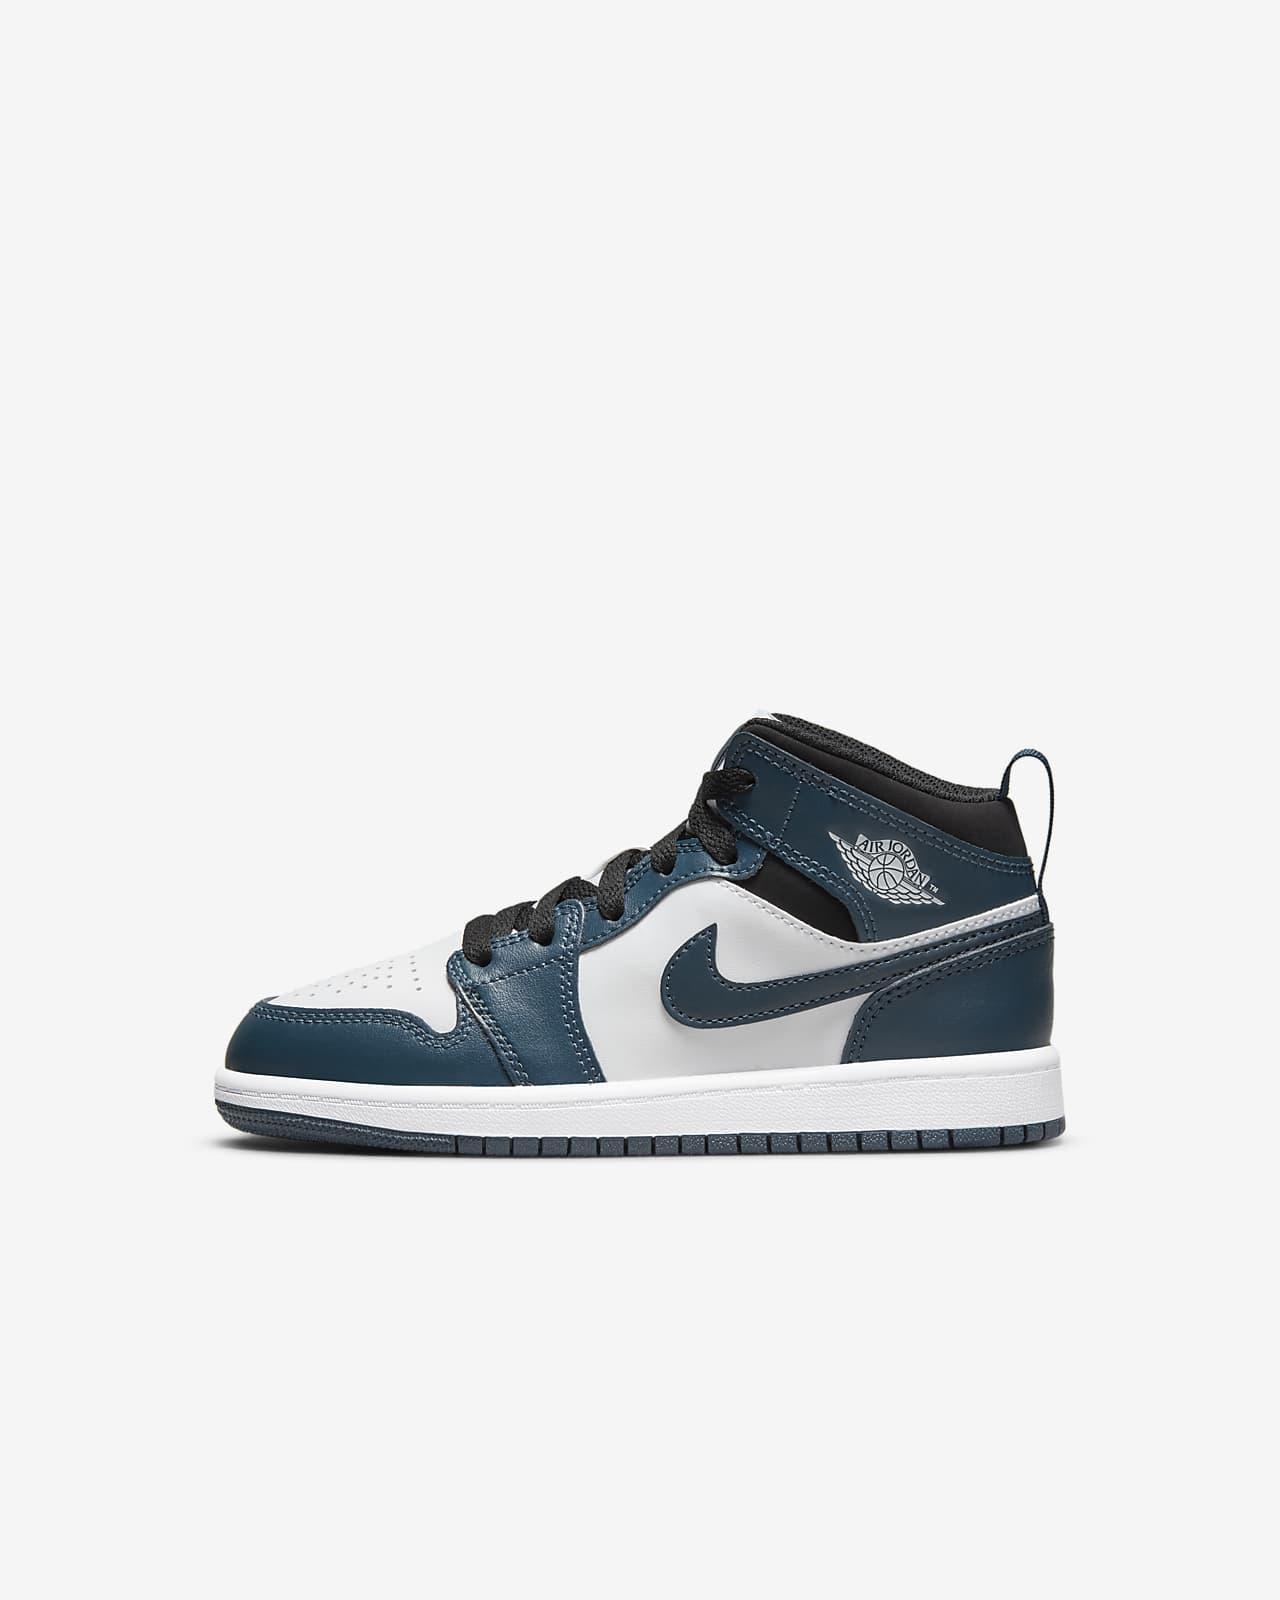 Jordan 1 Mid Küçük Çocuk Ayakkabısı